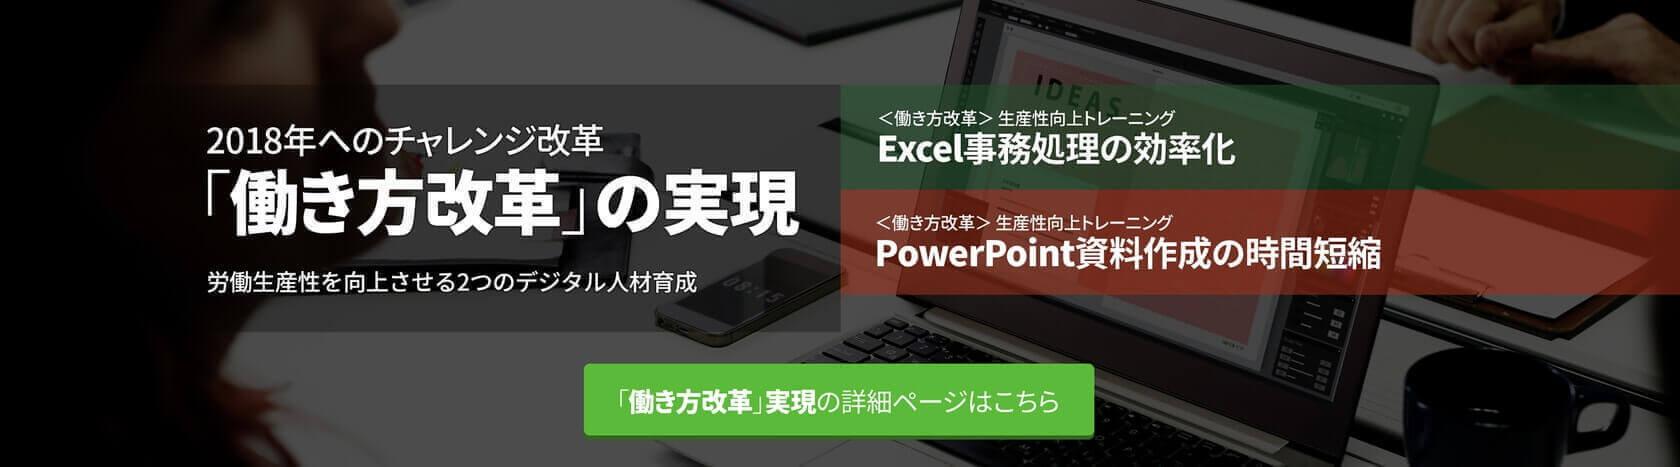 働き方改革の実現に向けた「Excel・PowerPoint企業研修」